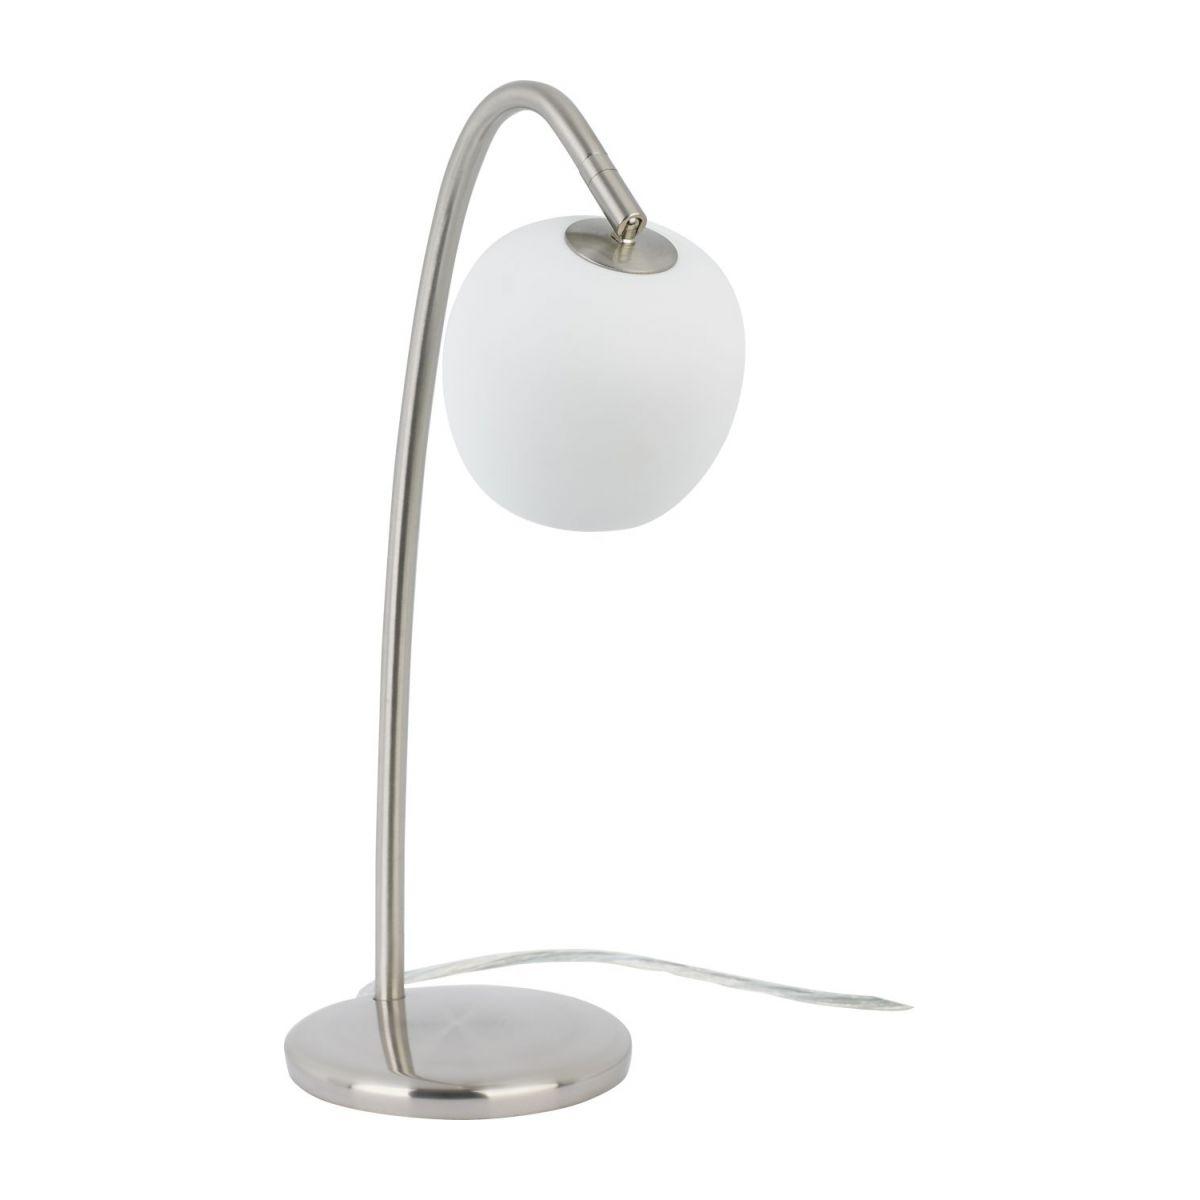 Lampe de chevet metal brosse